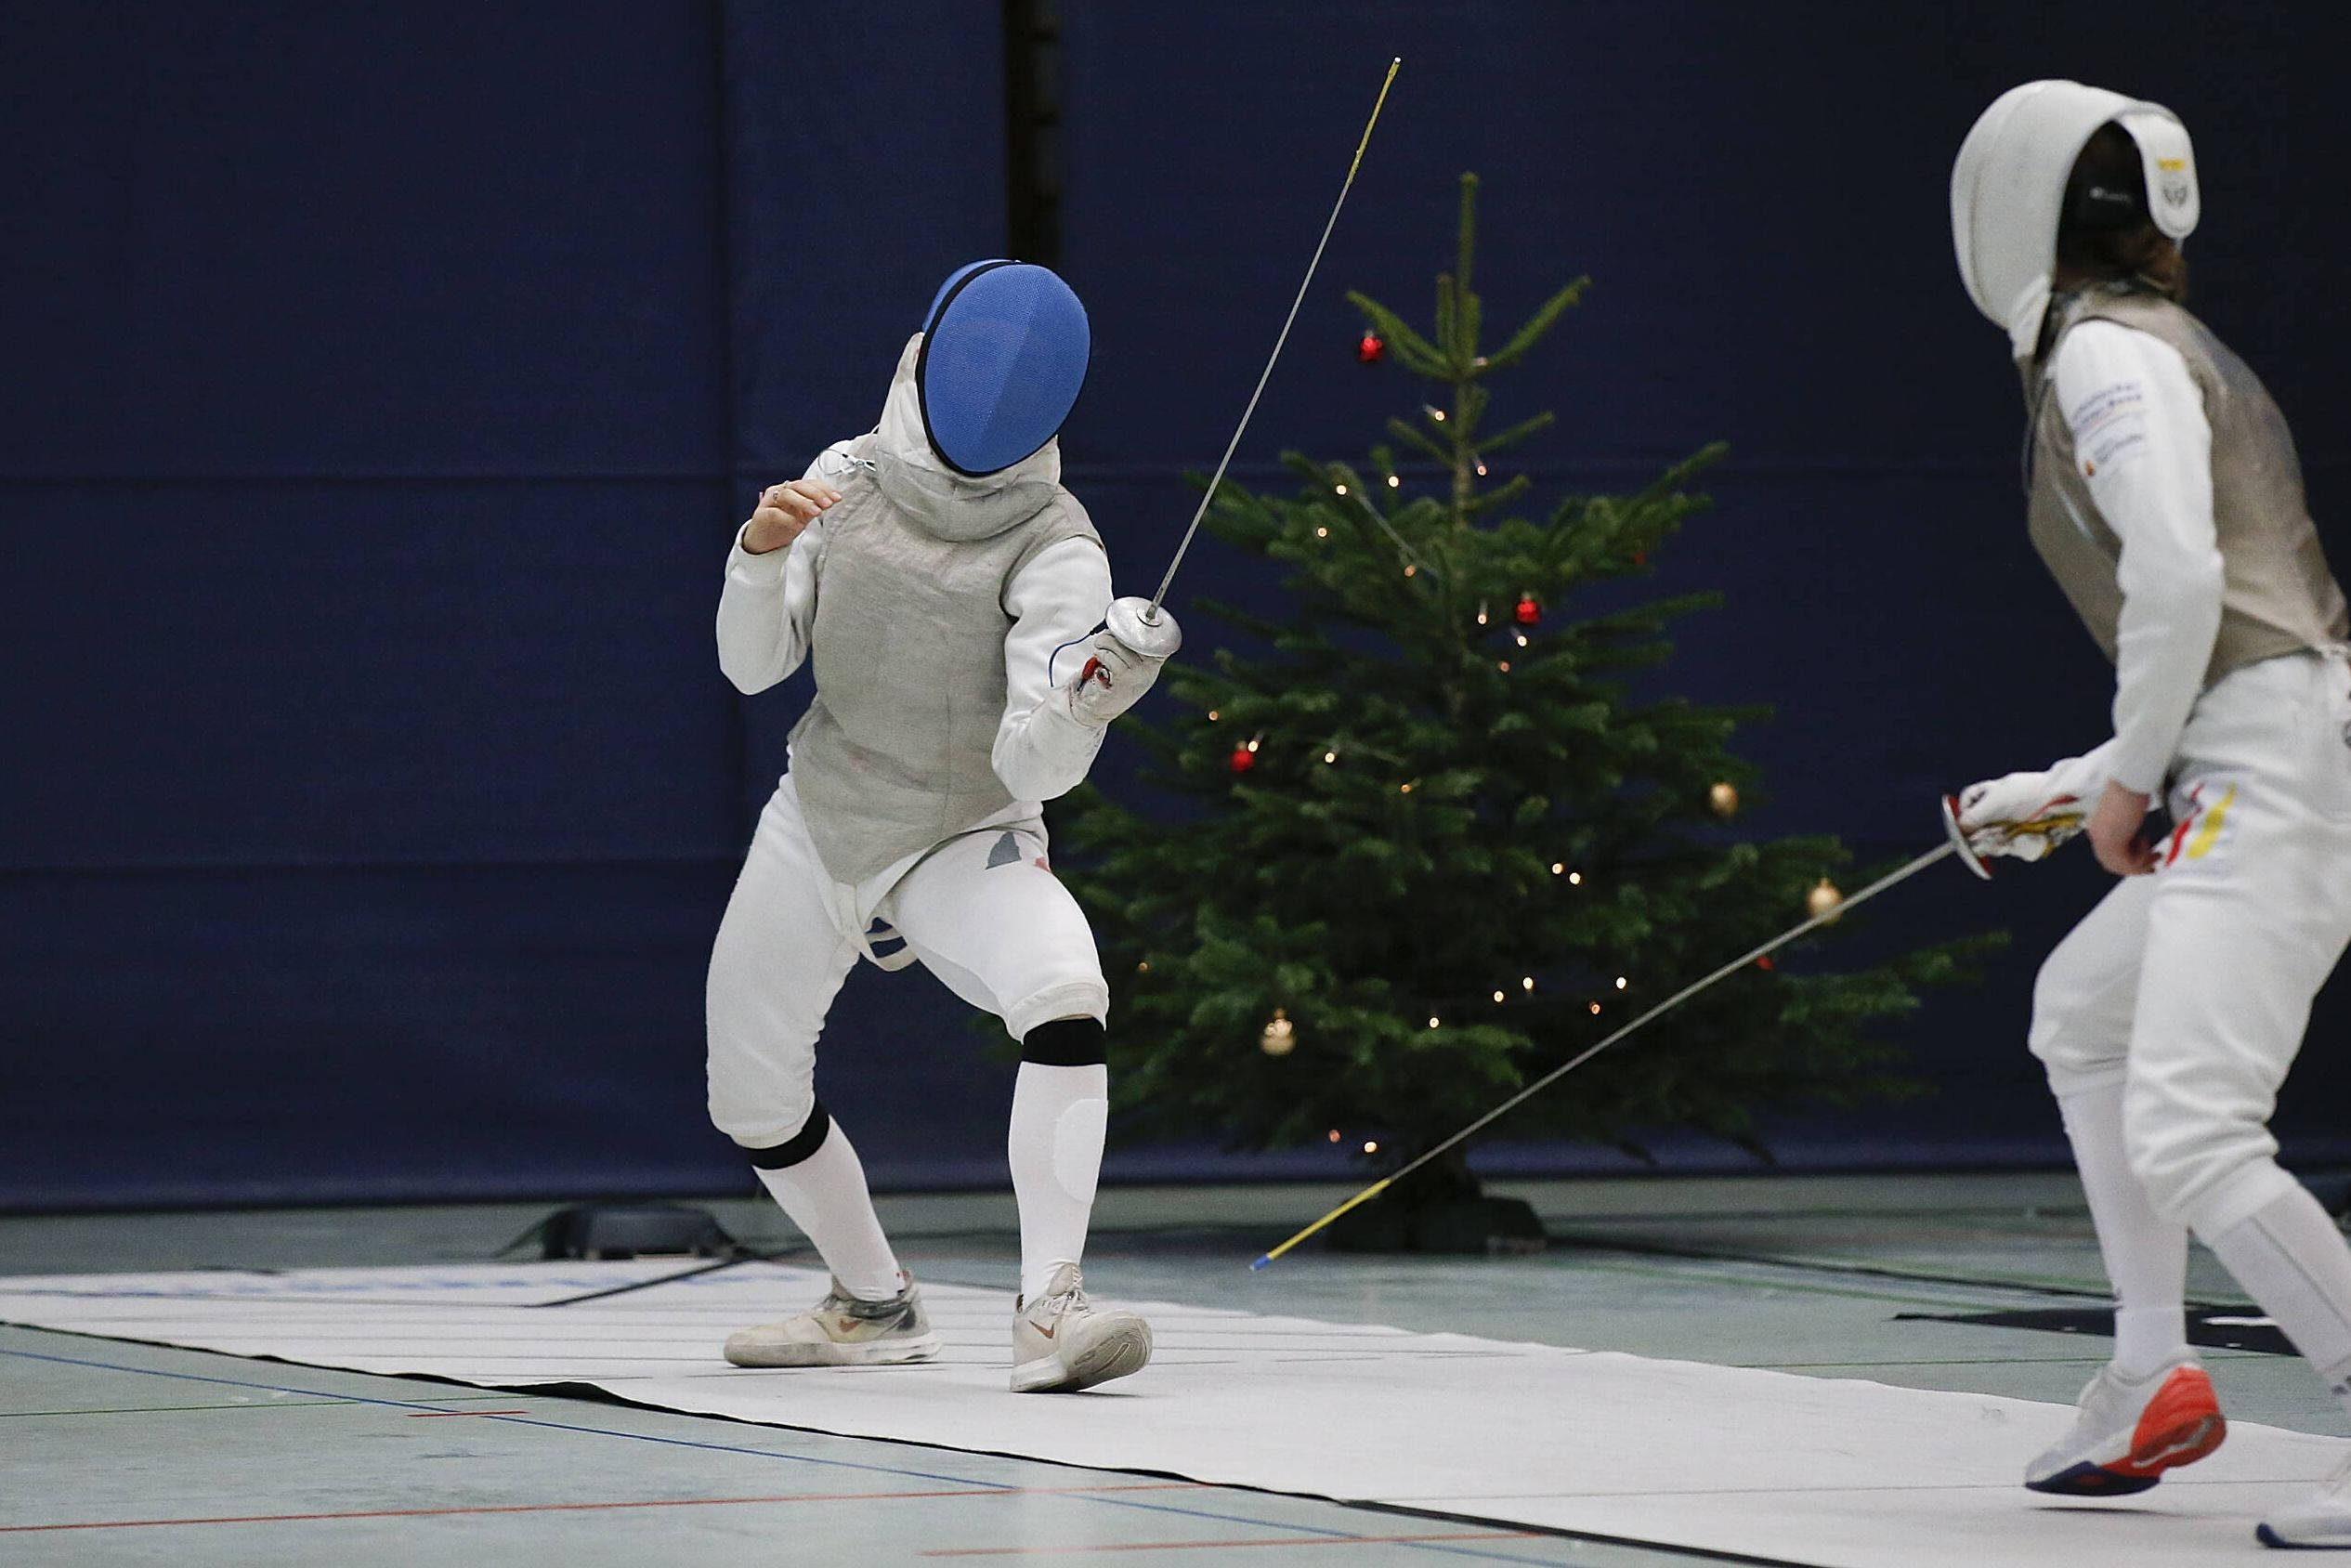 Российские саблисты преодолели квалификацию, теперь они выступят на Олимпиаде в Токио